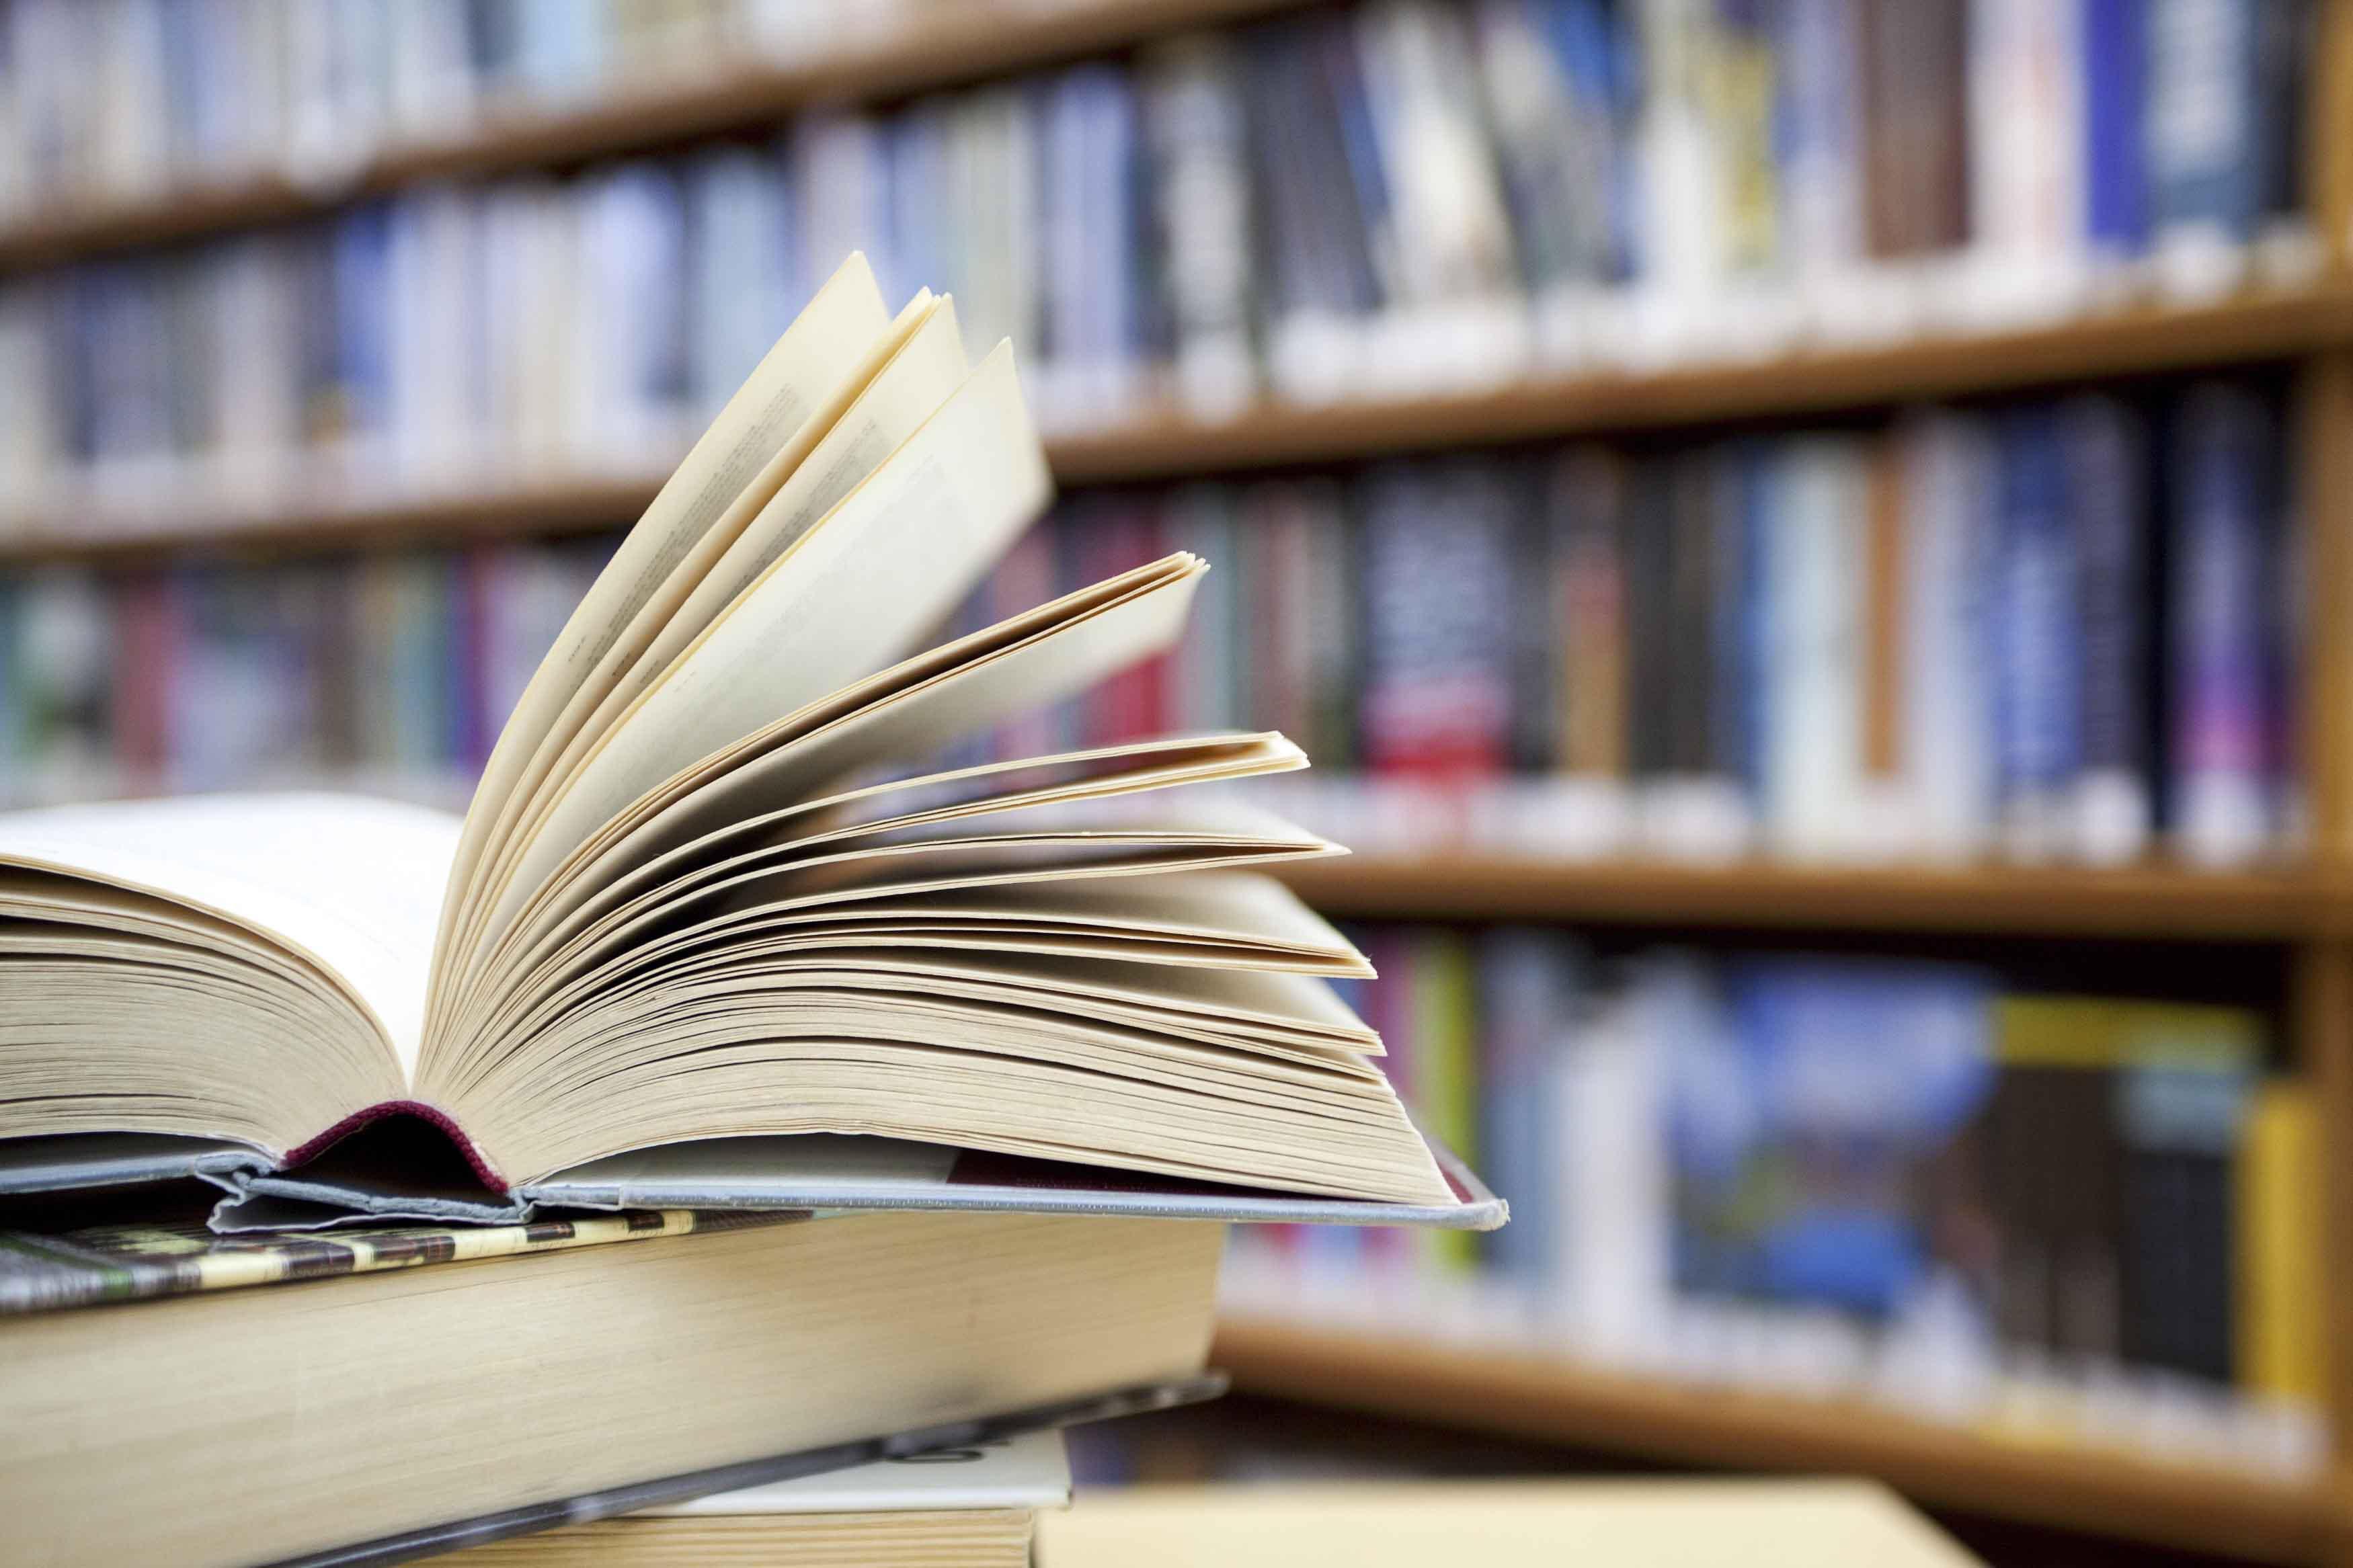 Bol.com 5 euro korting op Engelstalige boeken